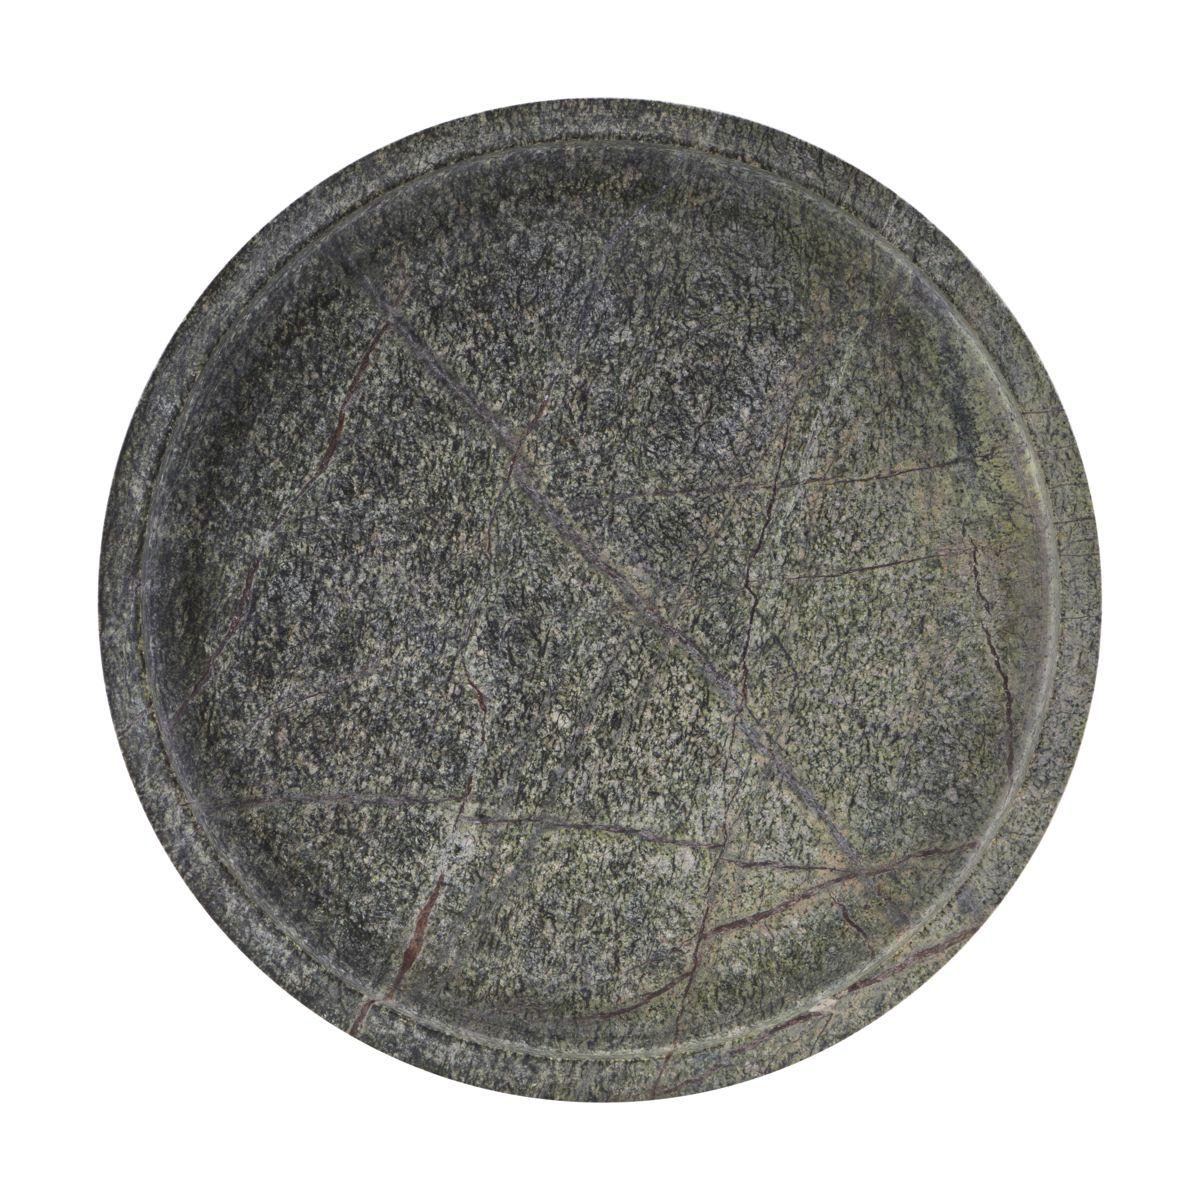 House Doctor - Poli Bowl Ø 30 cm - Green (Ov0311)